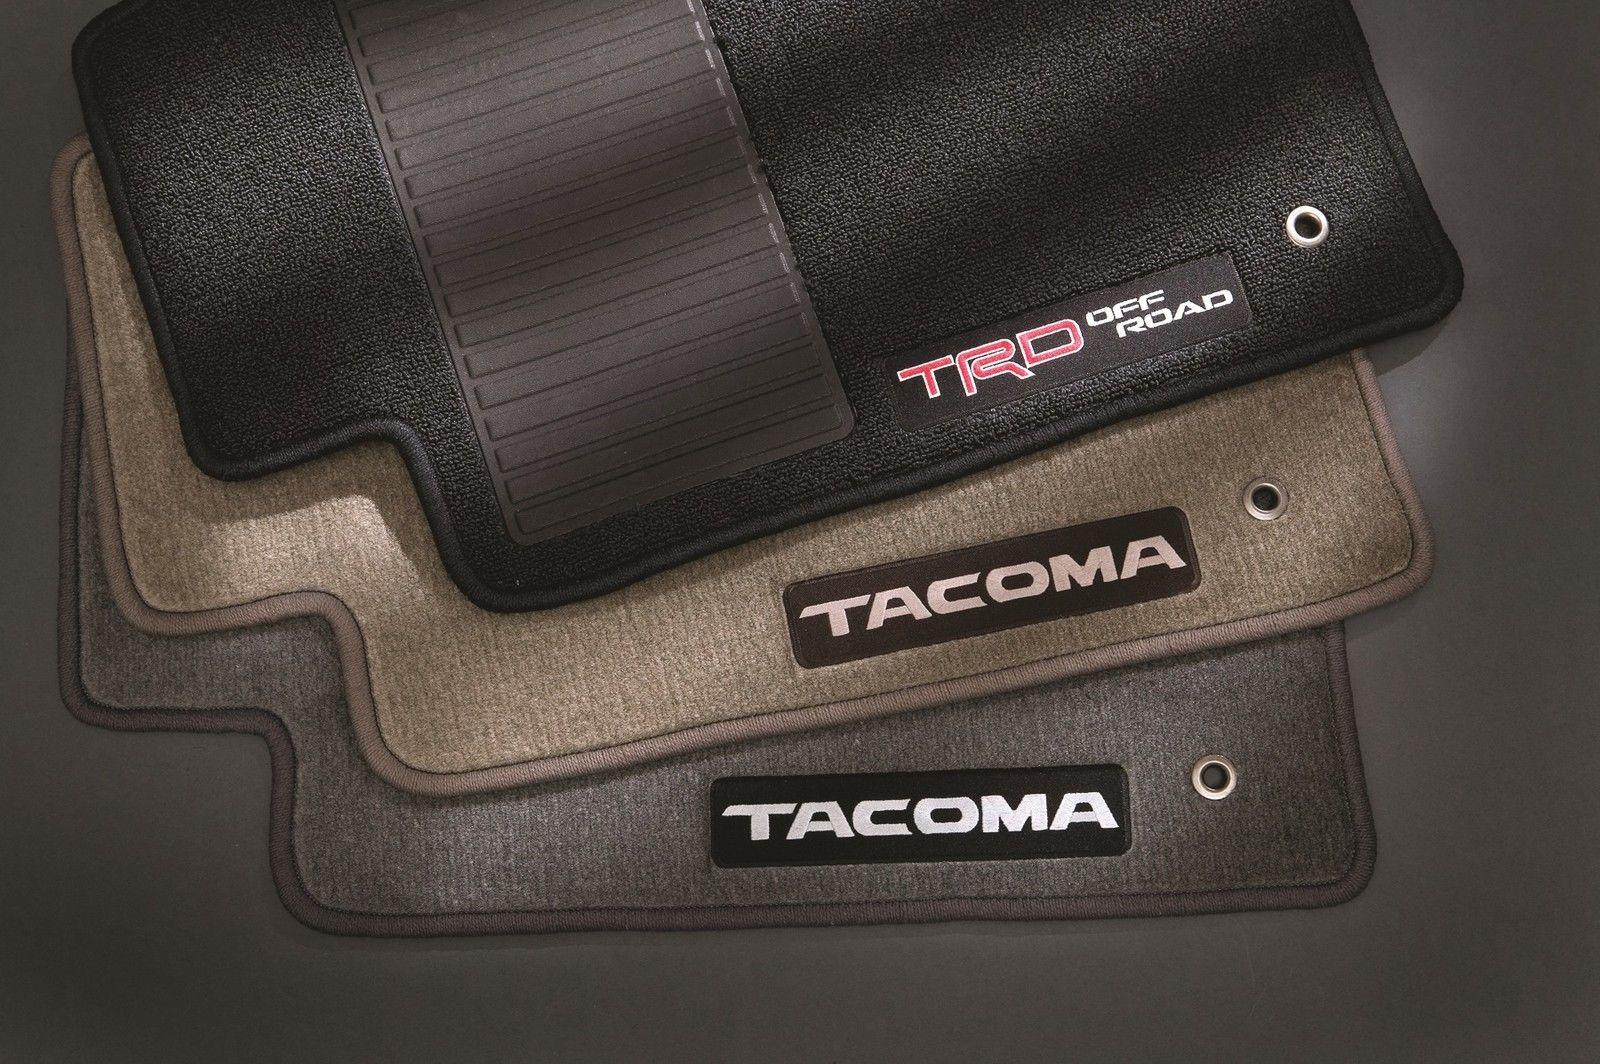 2005年~2011年USトヨタ タコマ純正フロアマット一台分TRDチャコールグレー アクセスキャブ用 [正規品][ロサンゼルスで大人気][自社輸入価格][送料無料][アメ車][逆輸入車][デイブレイク]